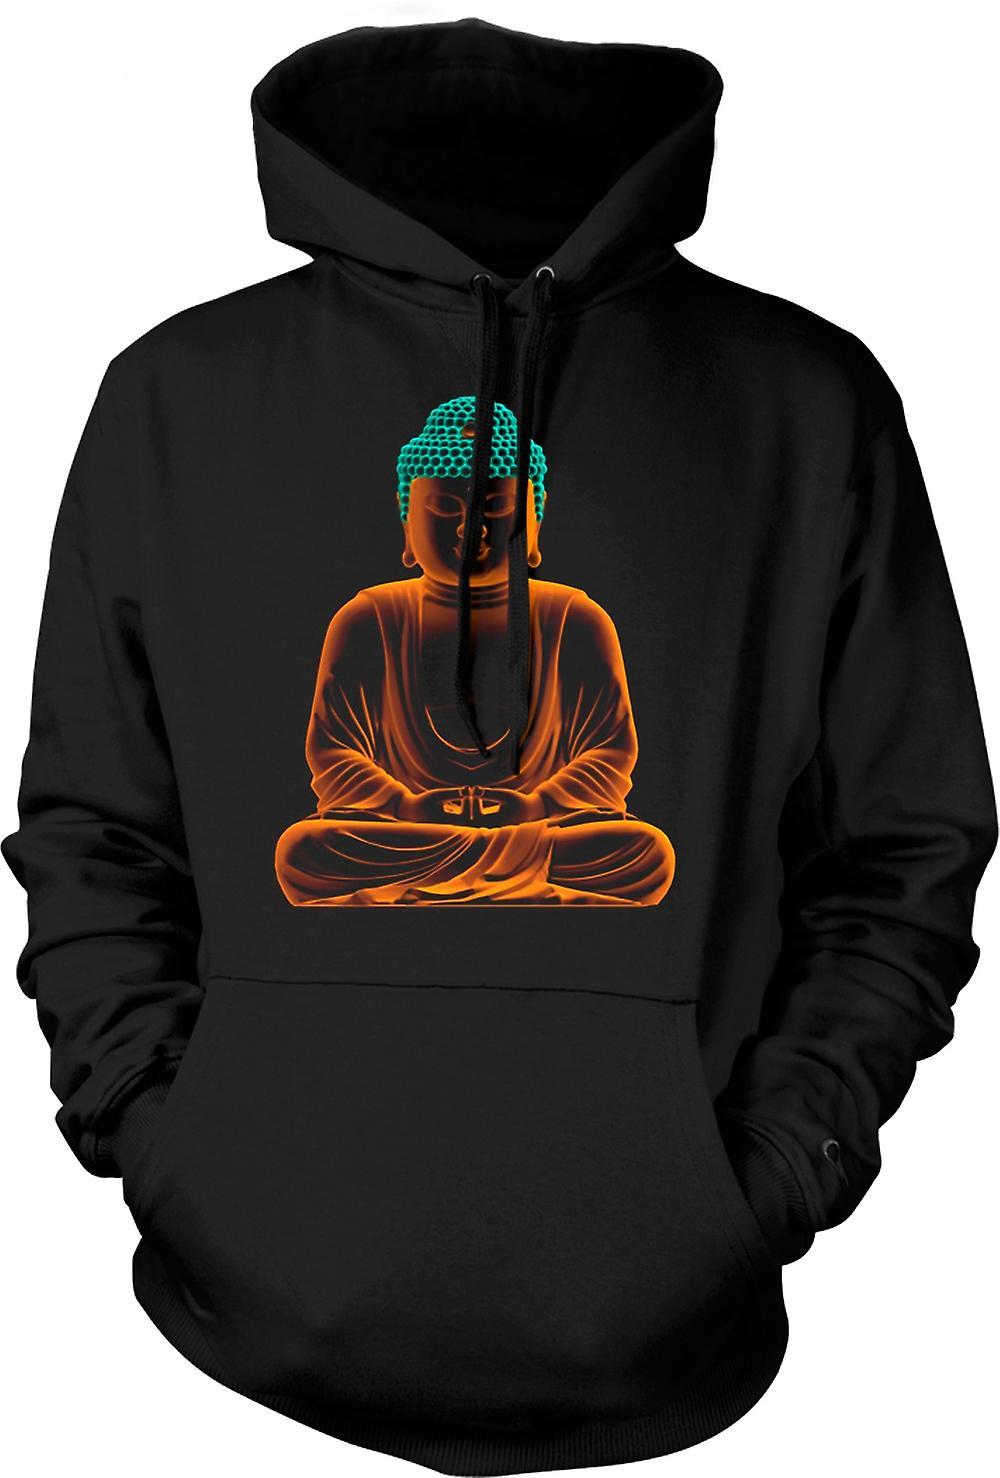 Mens Hoodie -  Serene Golden Buddha - Spiritual